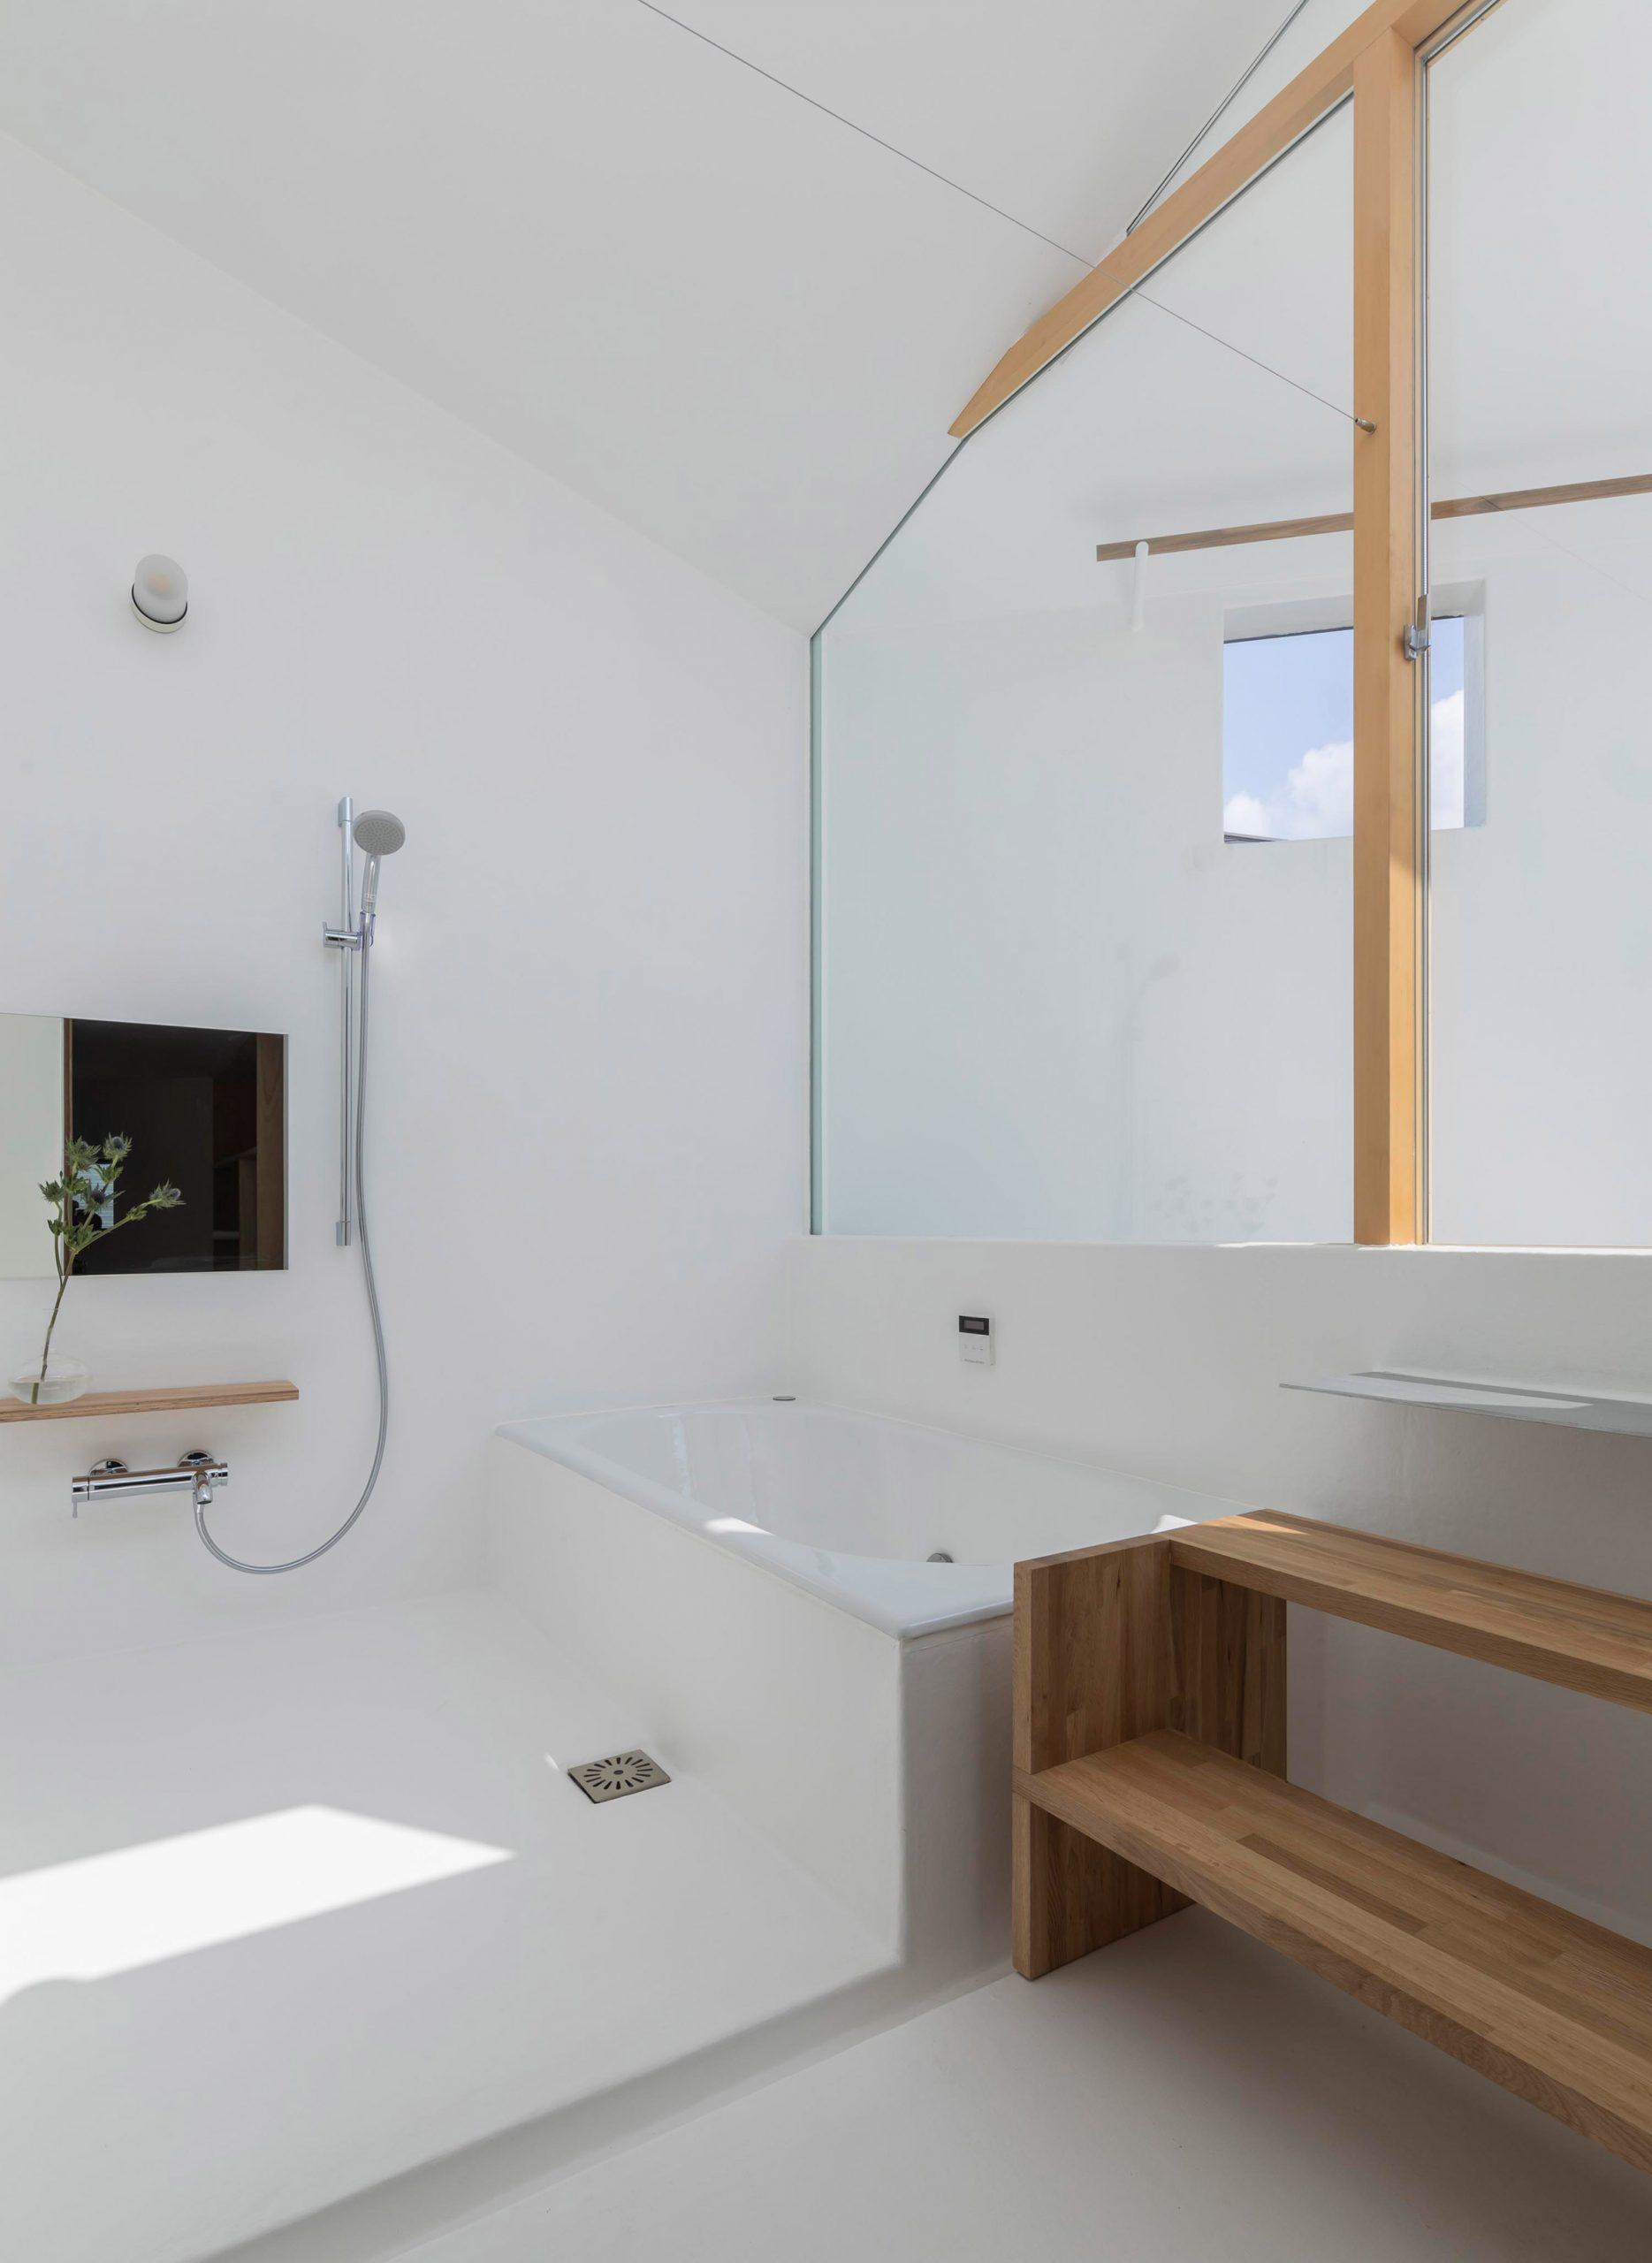 Thiết kế nội thất căn hộ nhỏ 6